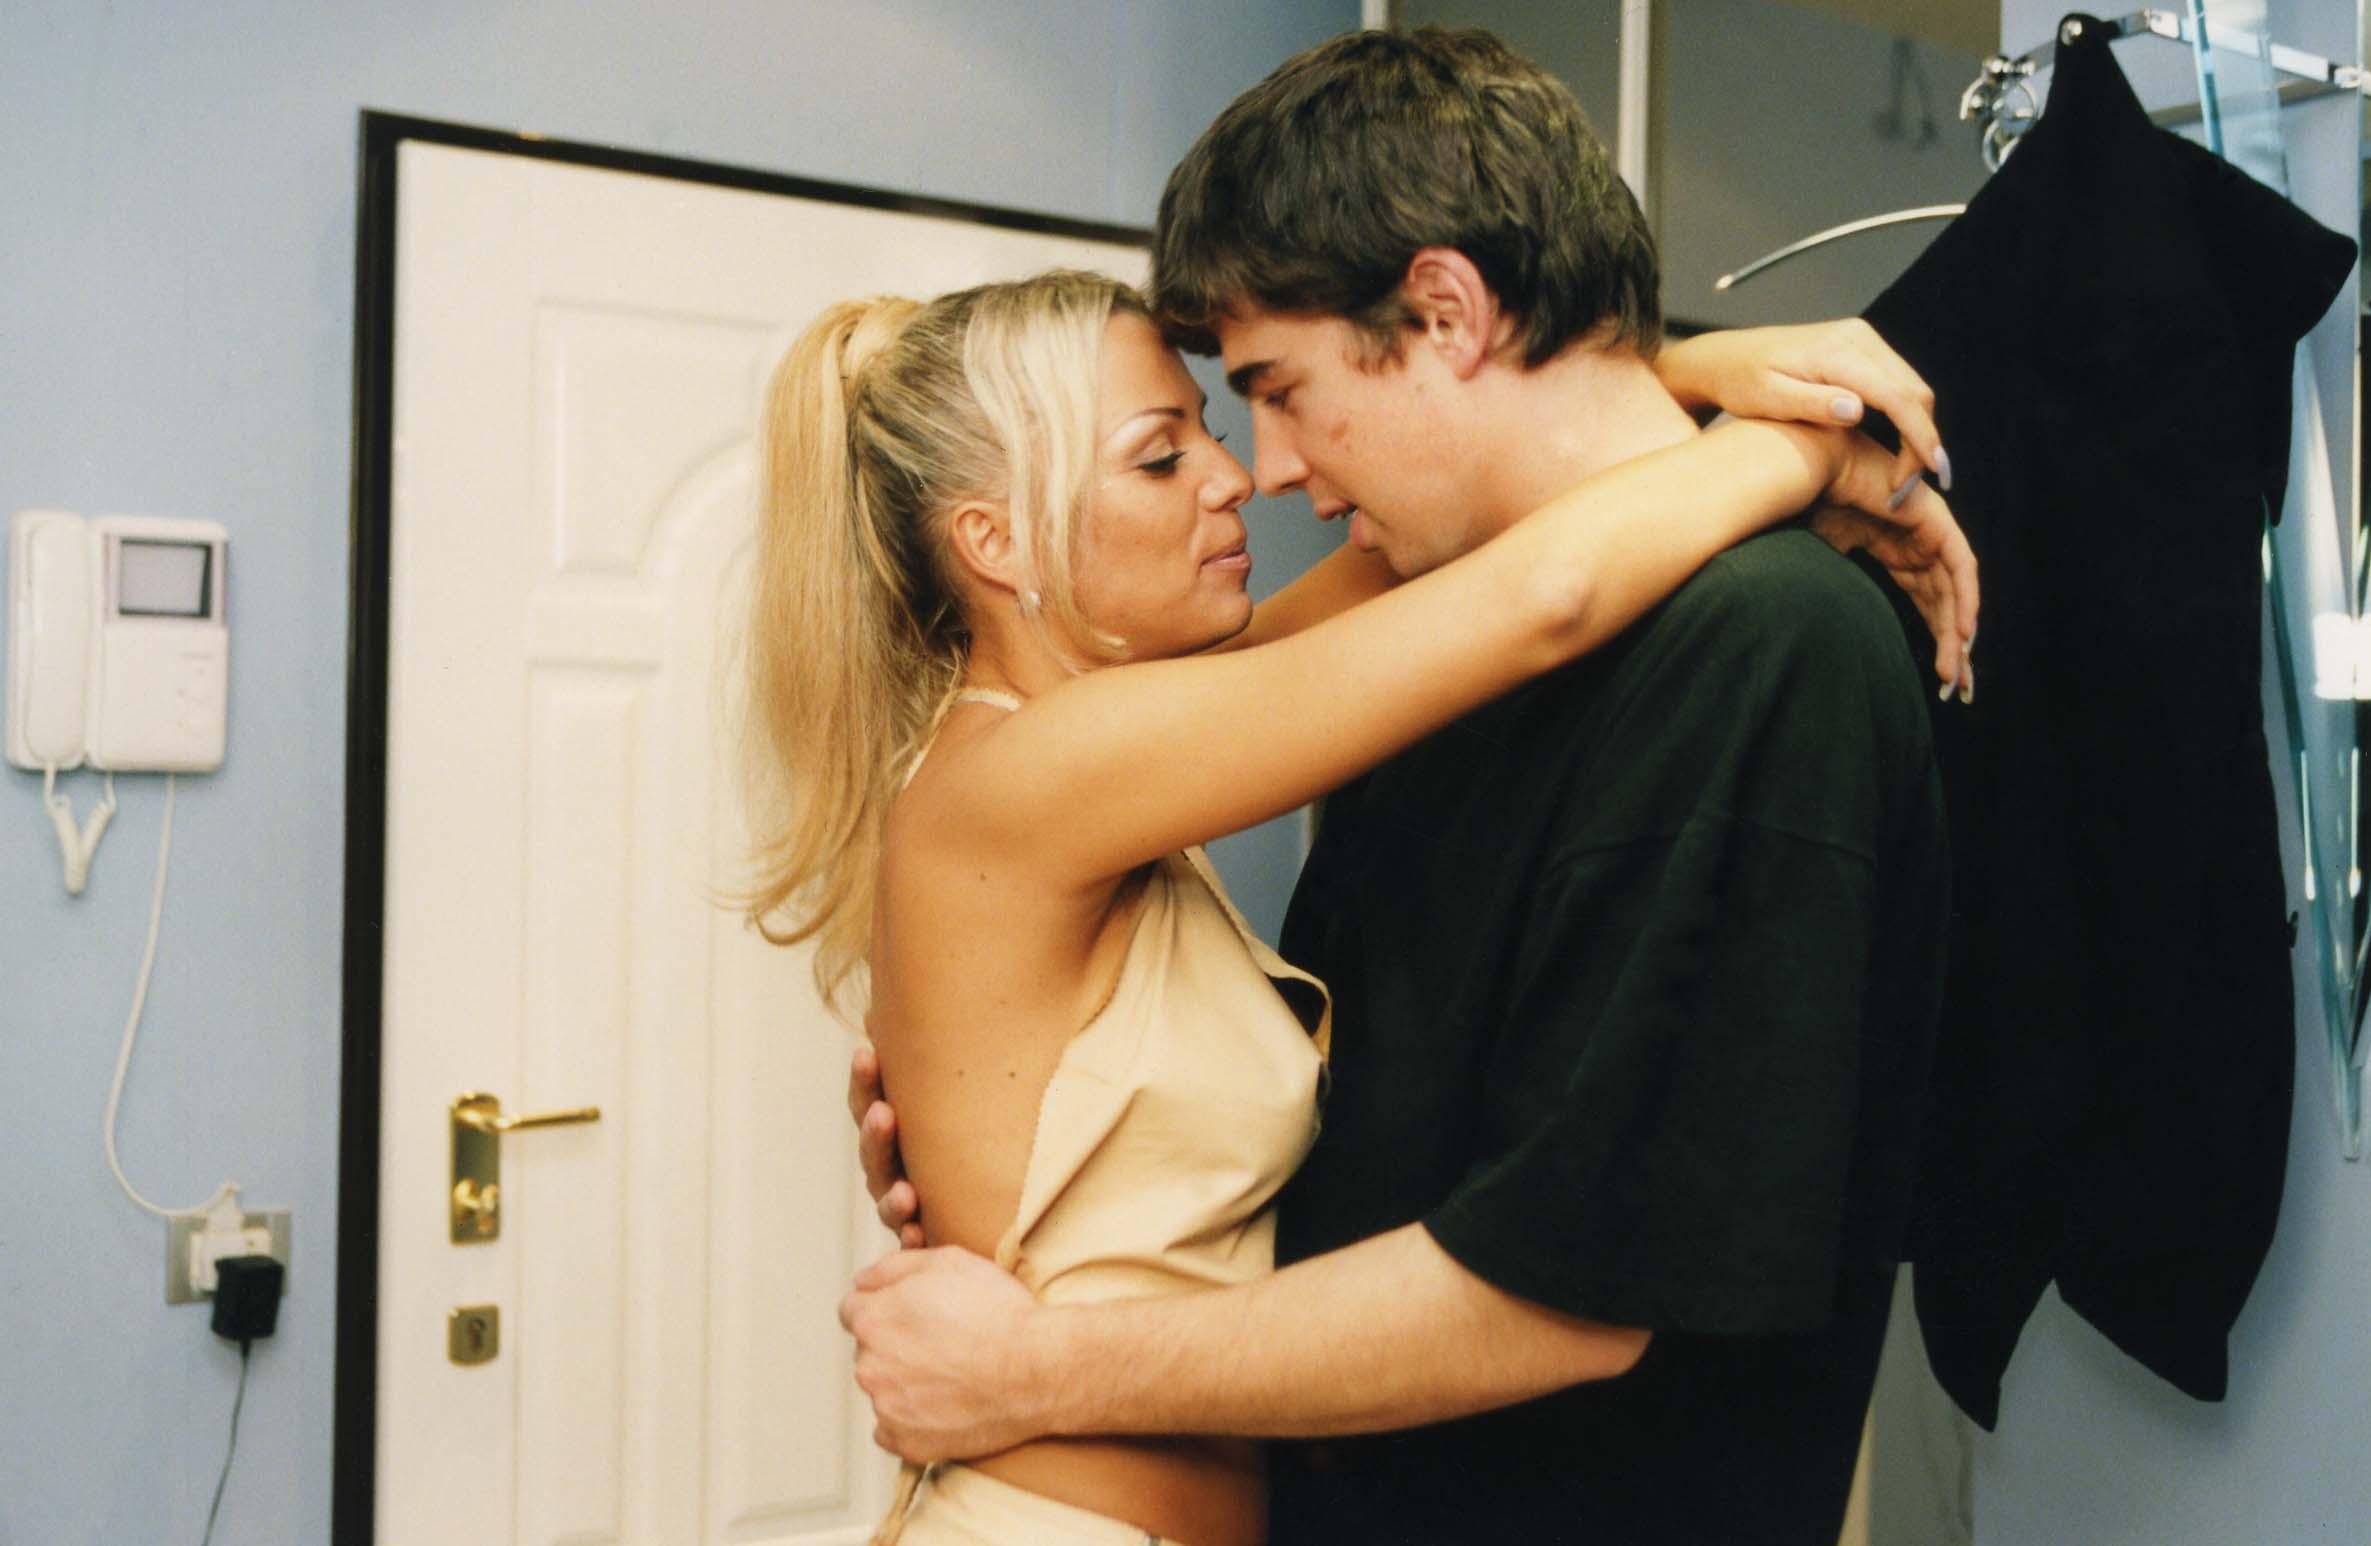 Смотреть бесплатно онлайн сестра развела младшего брата